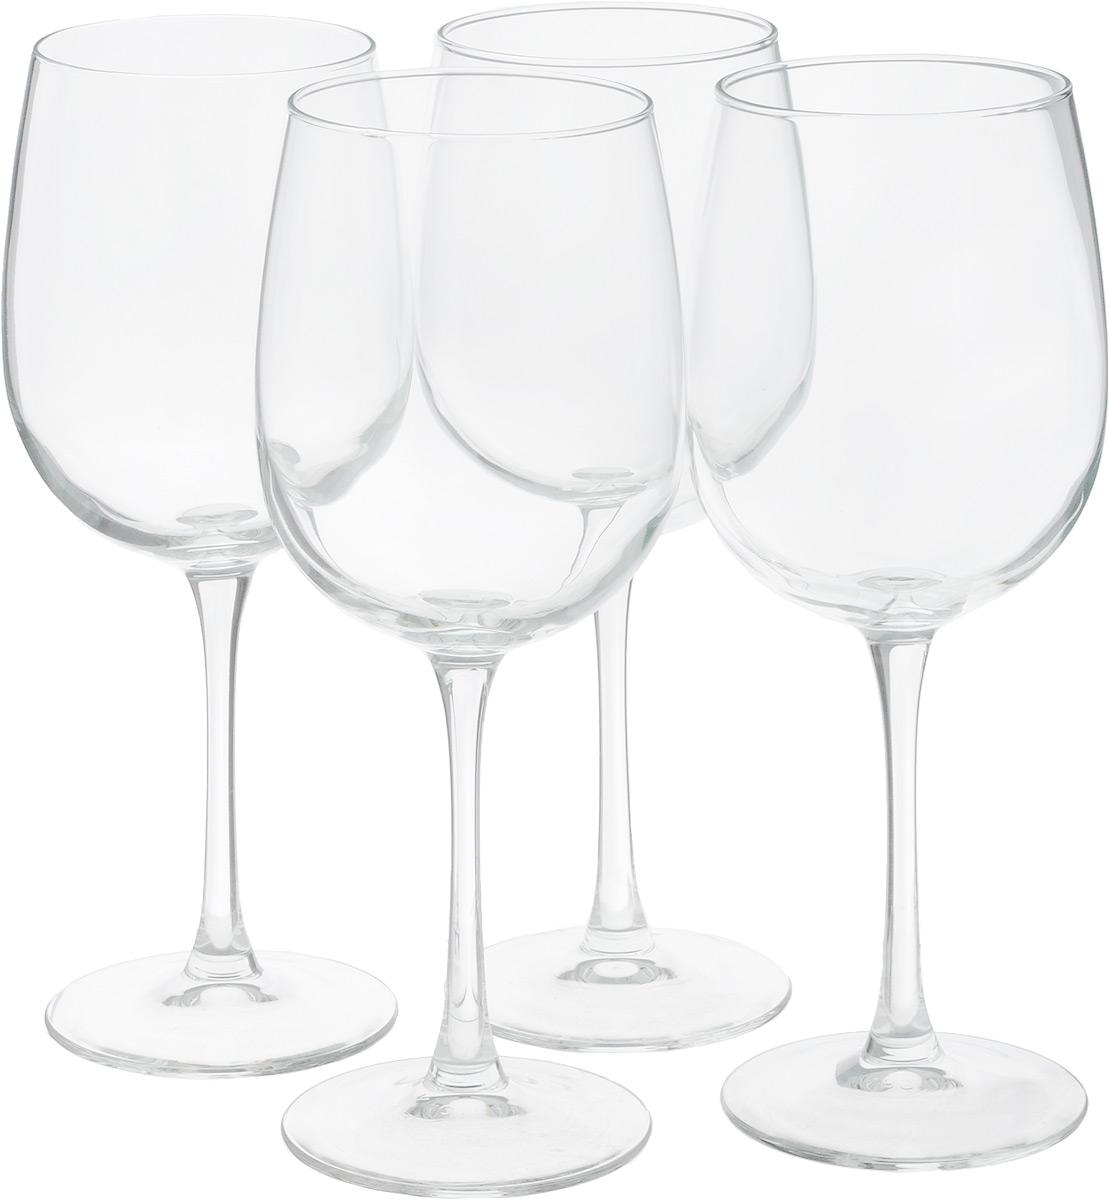 Набор фужеров для вина Luminarc Allegresse, 550 мл, 4 штL1403Набор Luminarc Allegresse состоит из четырех фужеров, выполненных из прочного стекла. Изделия оснащены высокими ножками. Фужеры предназначены для подачи вина. Набор фужеров Luminarc Allegresse прекрасно оформит праздничный стол и создаст приятную атмосферу за романтическим ужином. Такой набор также станет хорошим подарком к любому случаю. Можно мыть в посудомоечной машине.Диаметр фужера (по верхнему краю): 7,5 см. Высота фужера: 23 см.